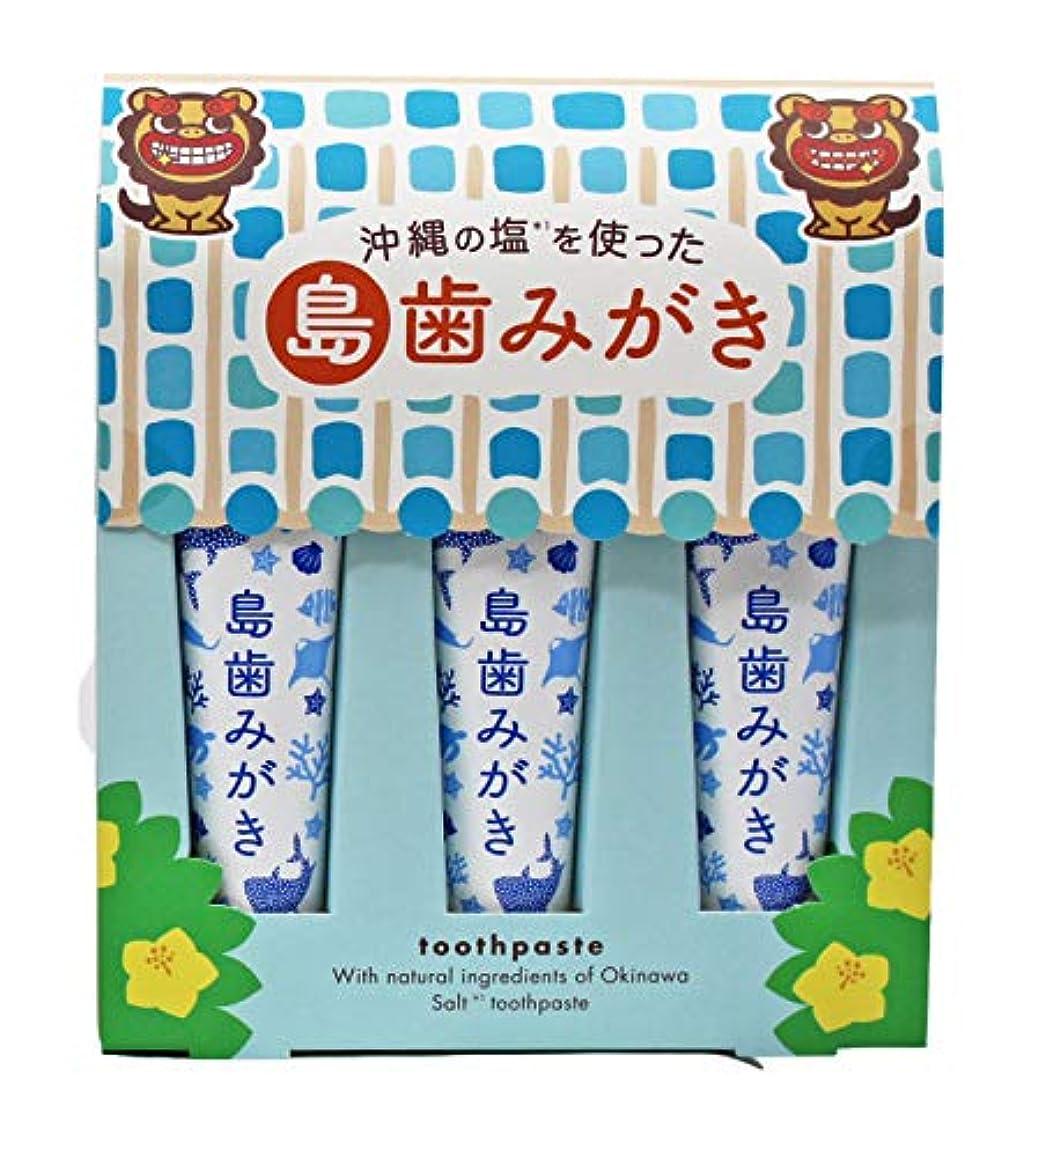 スマートプラスチック排出沖縄の塩を使った島歯みがき (藍色) 15g×3本入り